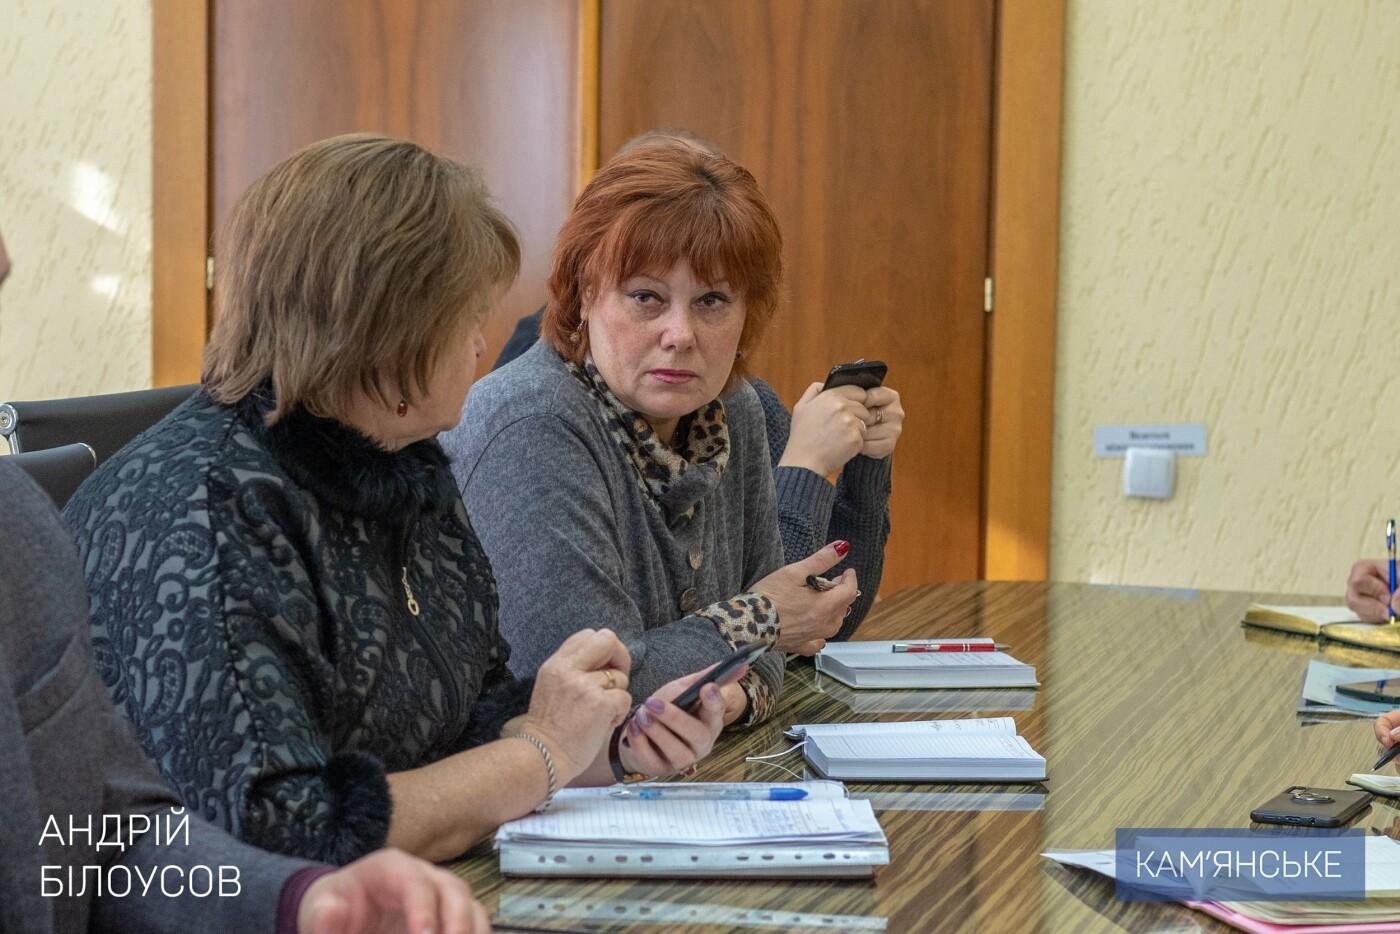 Мэр Каменского провел рабочее совещание по вопросу реконструкции школы №20, фото-2